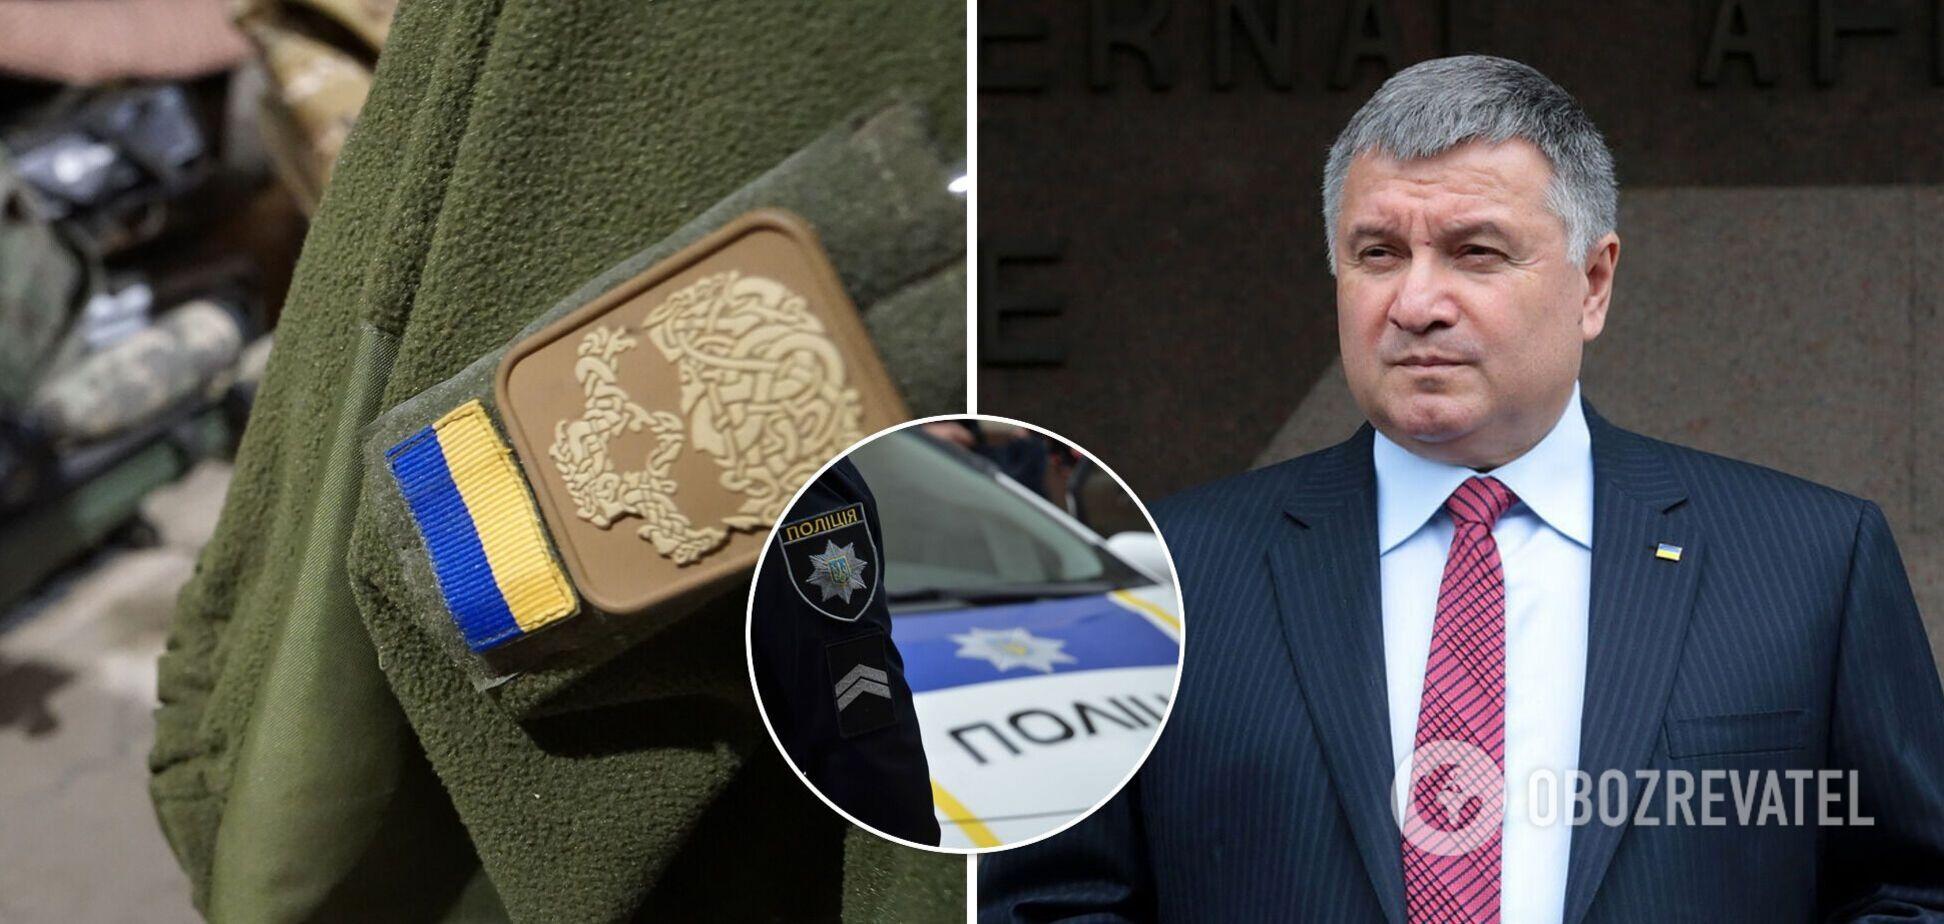 Нападение на ветерана АТО на Тернопольщине: Аваков назвал подозрение необоснованным